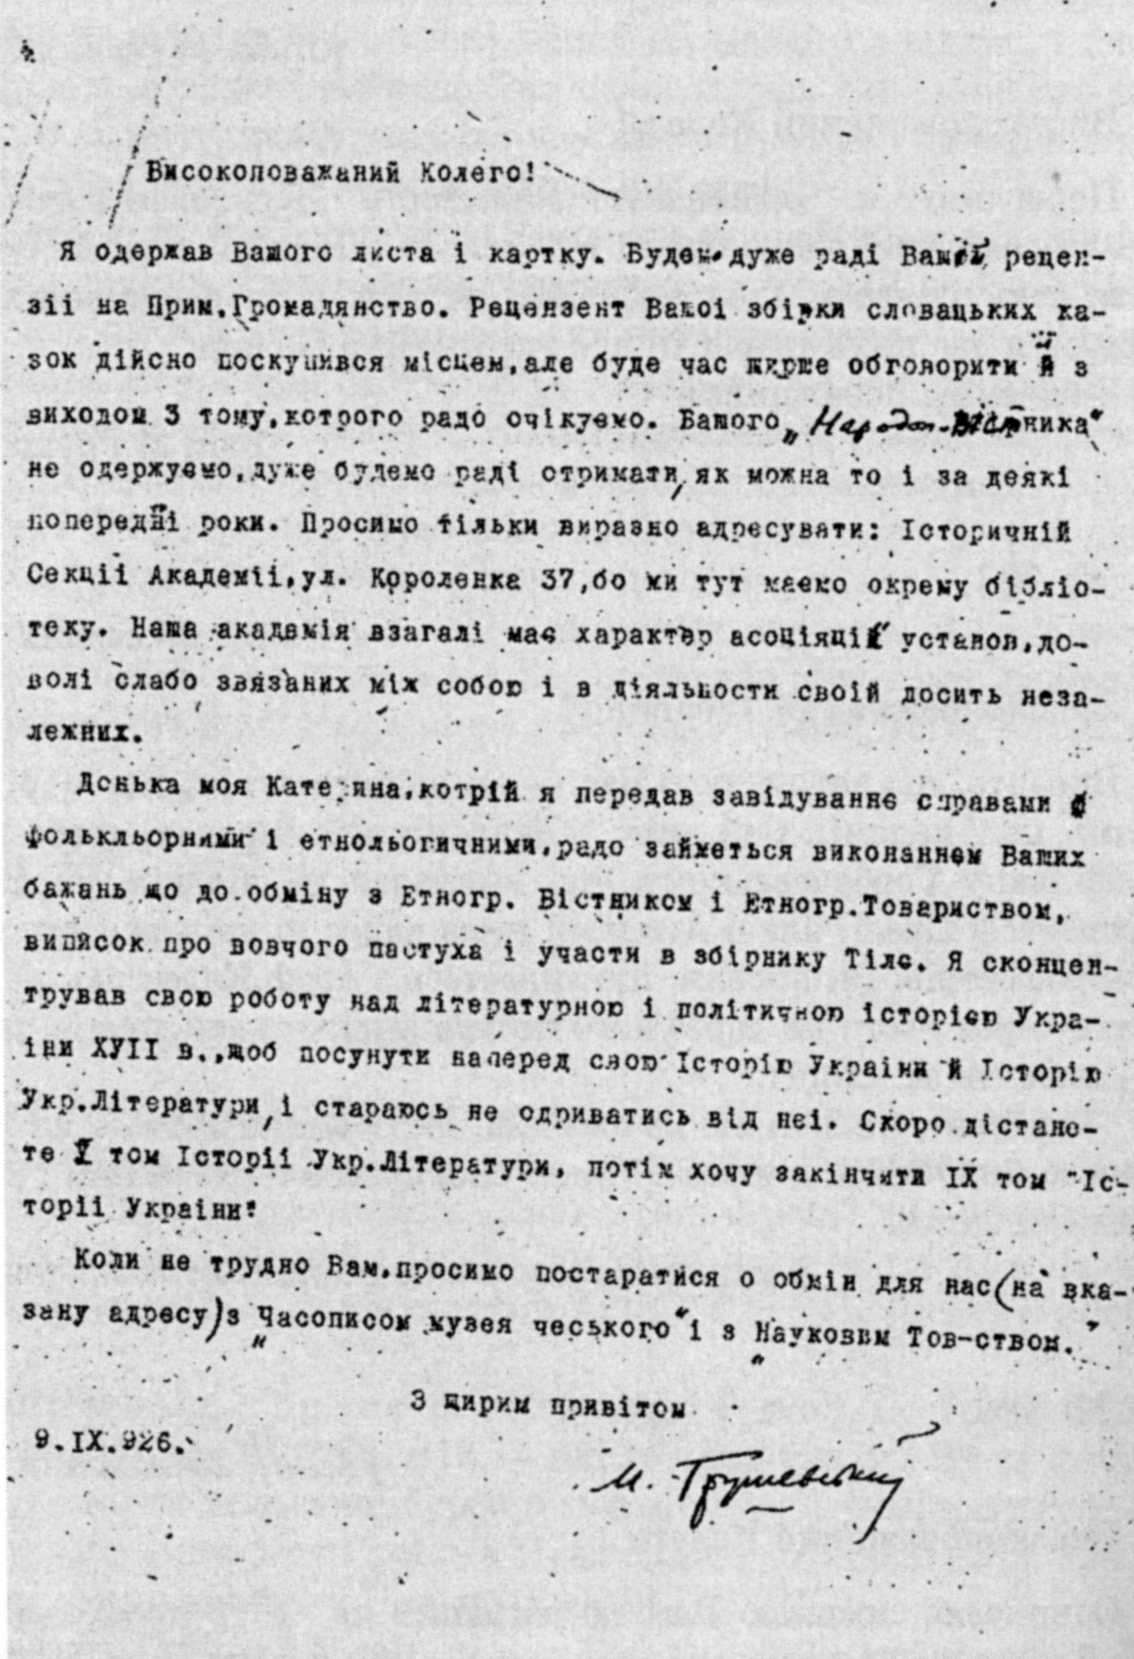 Ксерокопія авторизованого машинопису листа М. С. Грушевського до Ї. Полівки (9 вересня 1926 р.; ІЛ, ф.122, № 30, арк.12)